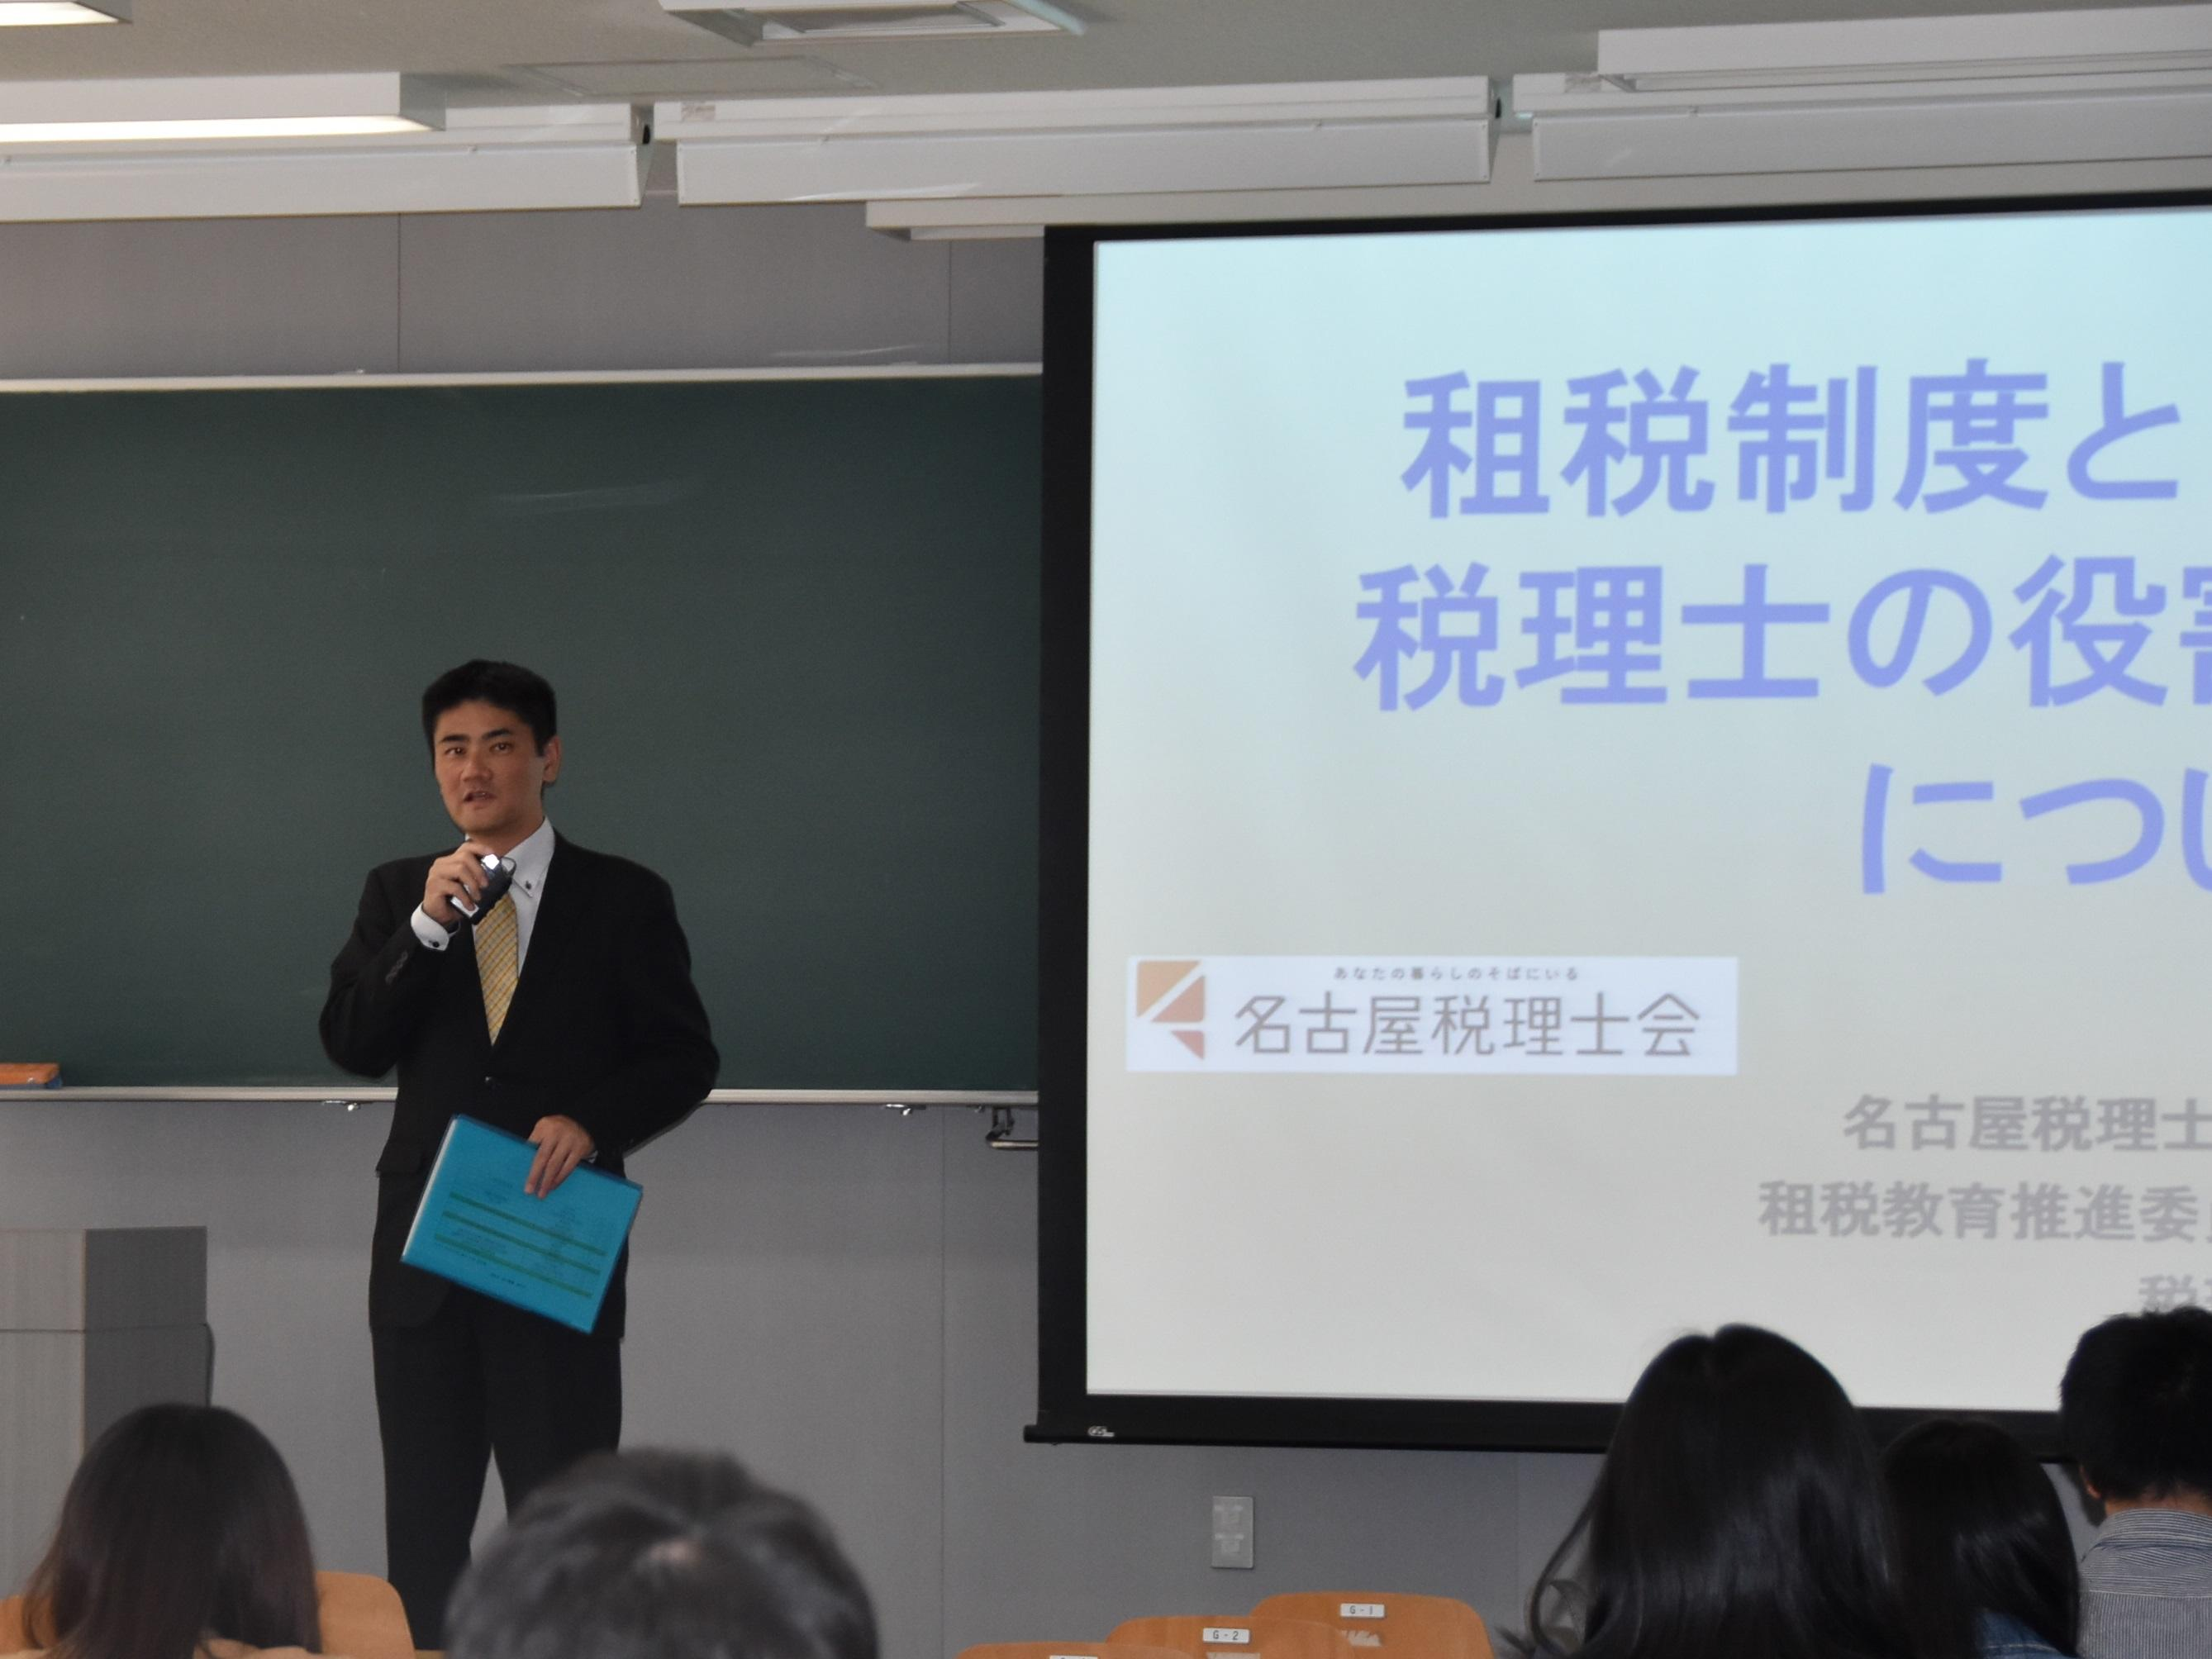 講義について説明する伊川教授